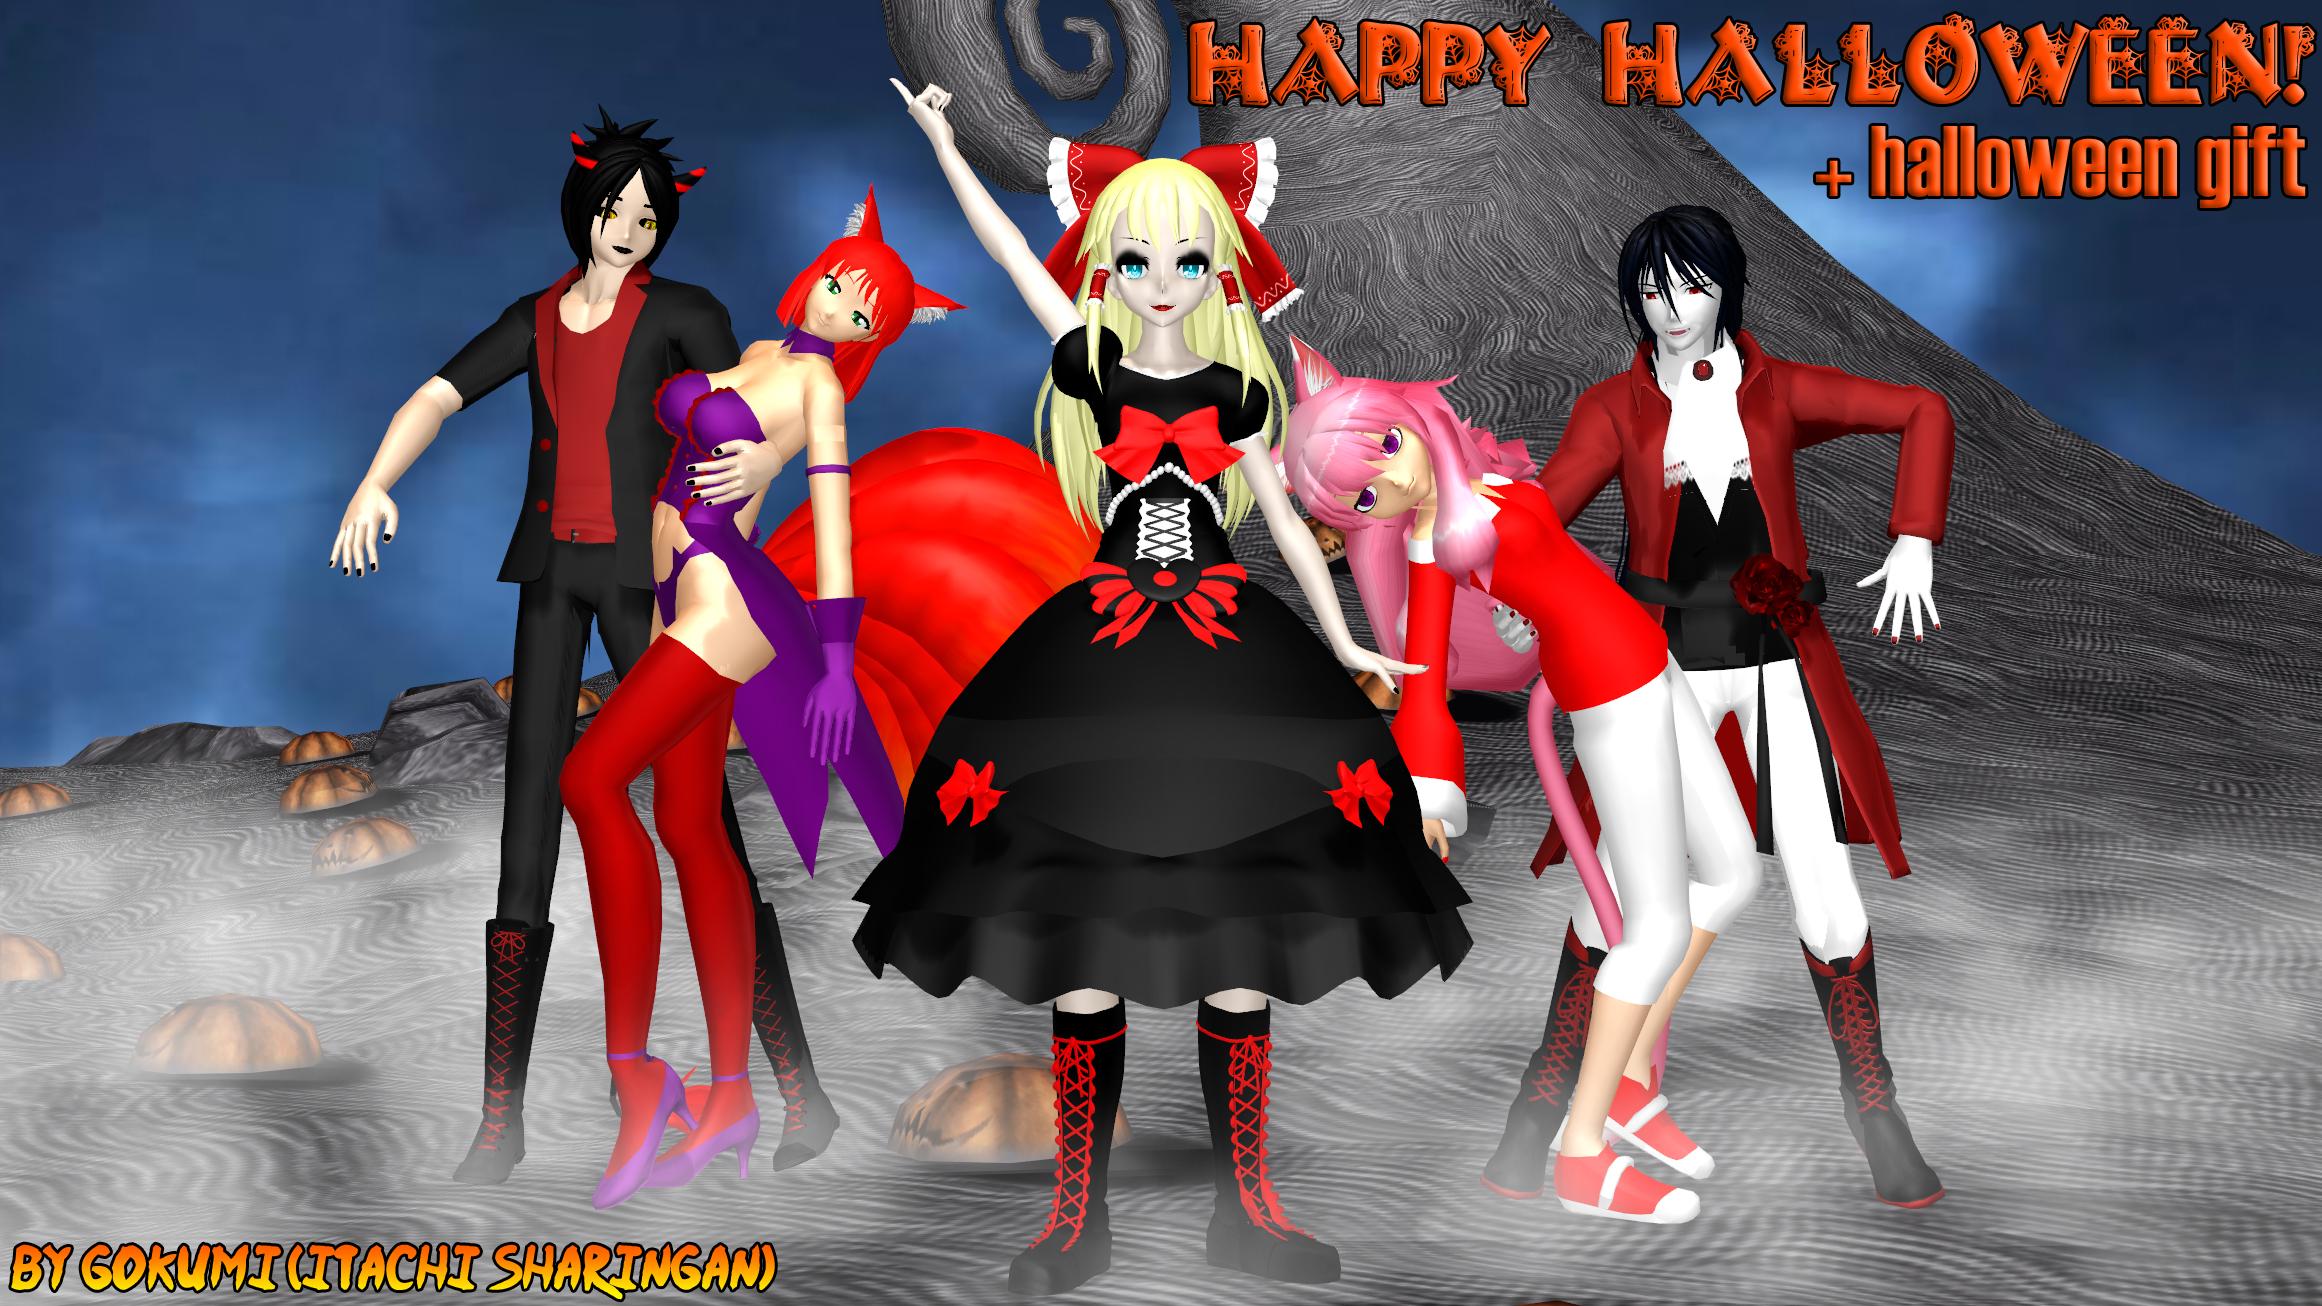 Happy Halloween! + download halloween gift by Gokumi